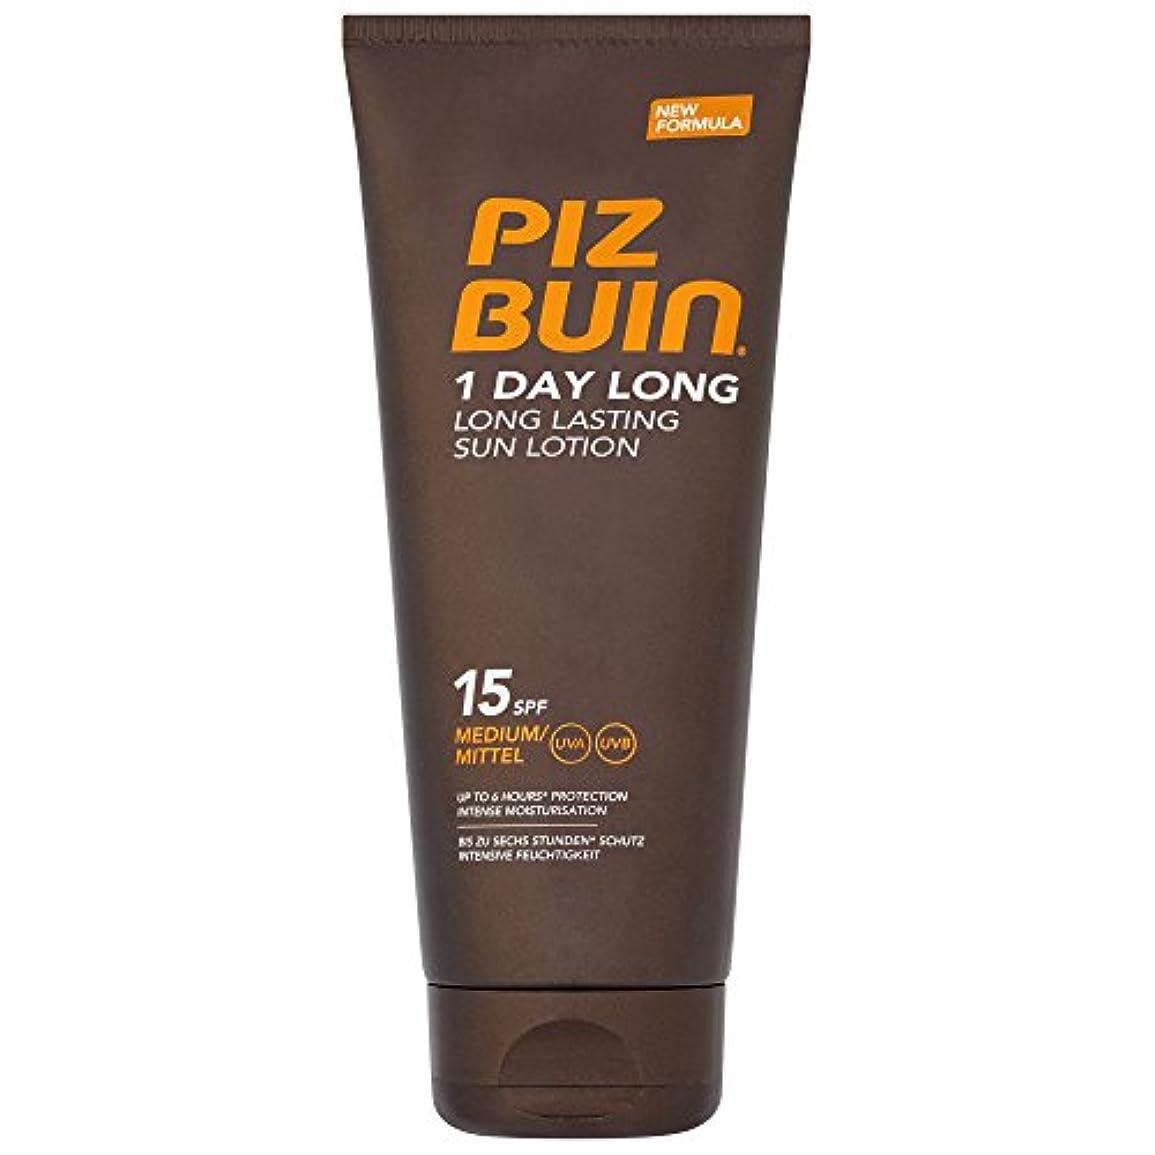 静める本当に染料Piz Buin 1 Day Long SPF15 Sun Lotion 200ml - ピッツブーインの1日長い15の日焼けローション200 [並行輸入品]